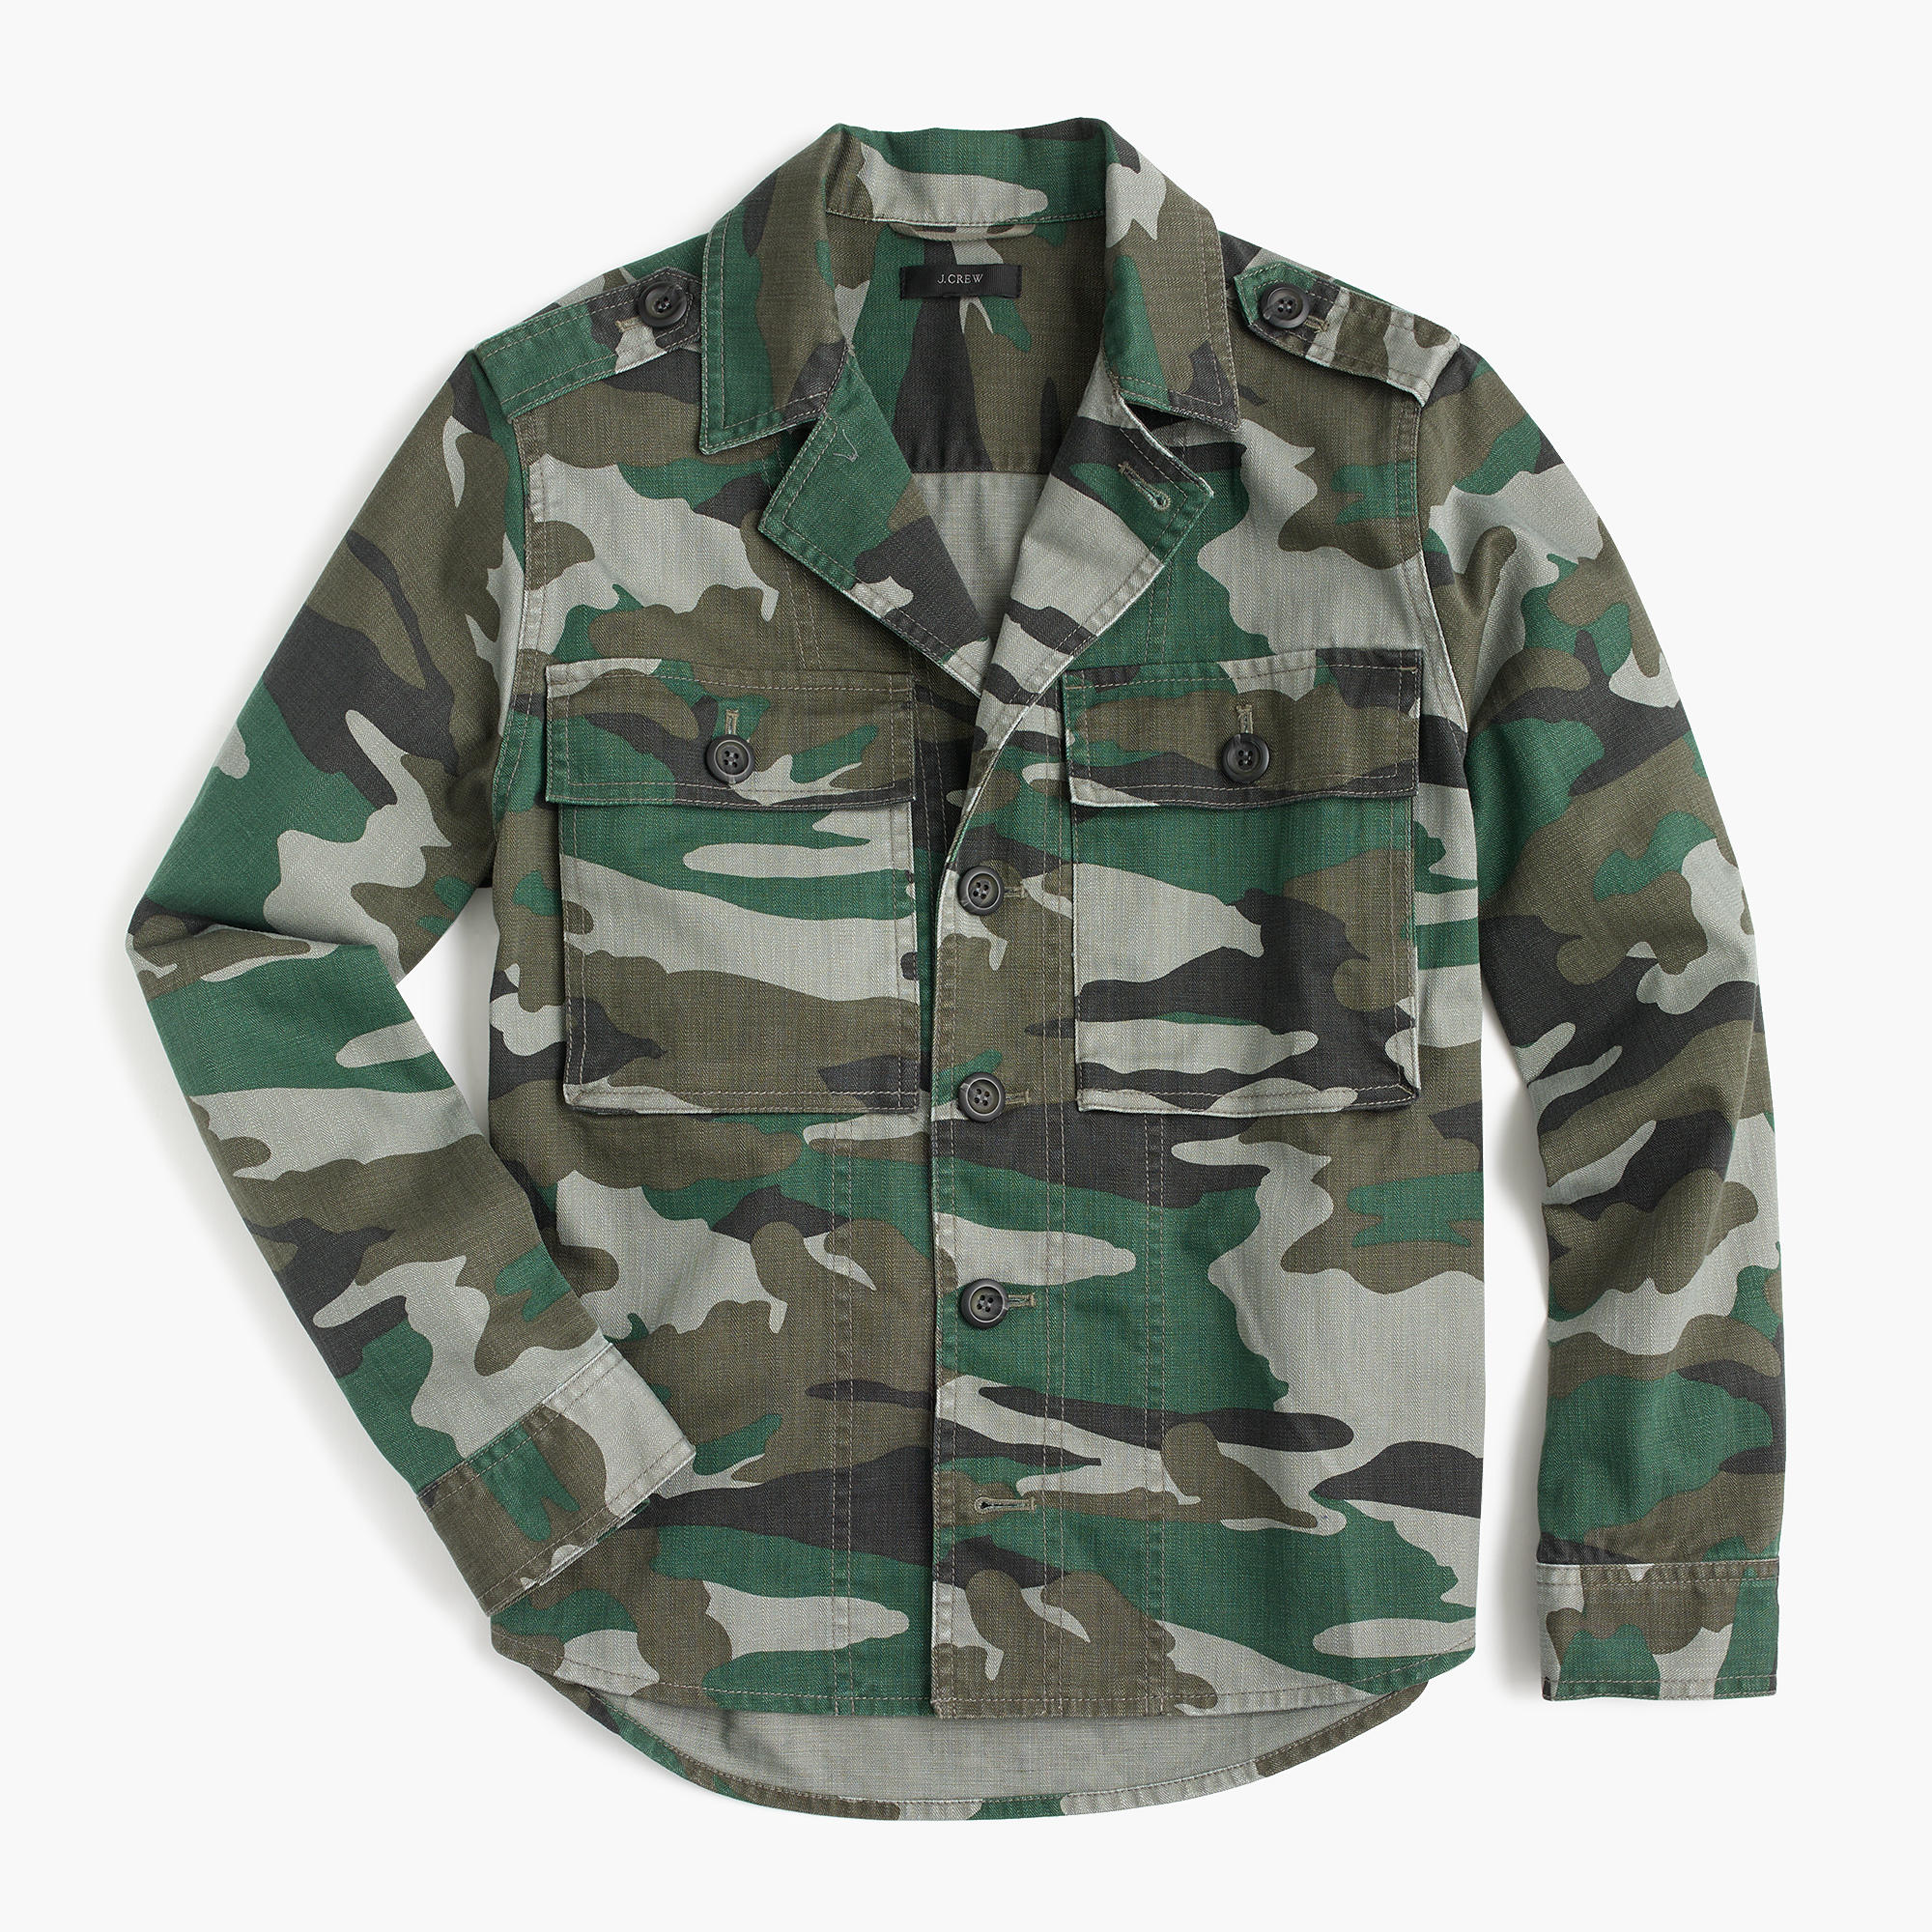 Camo Utility Shirt